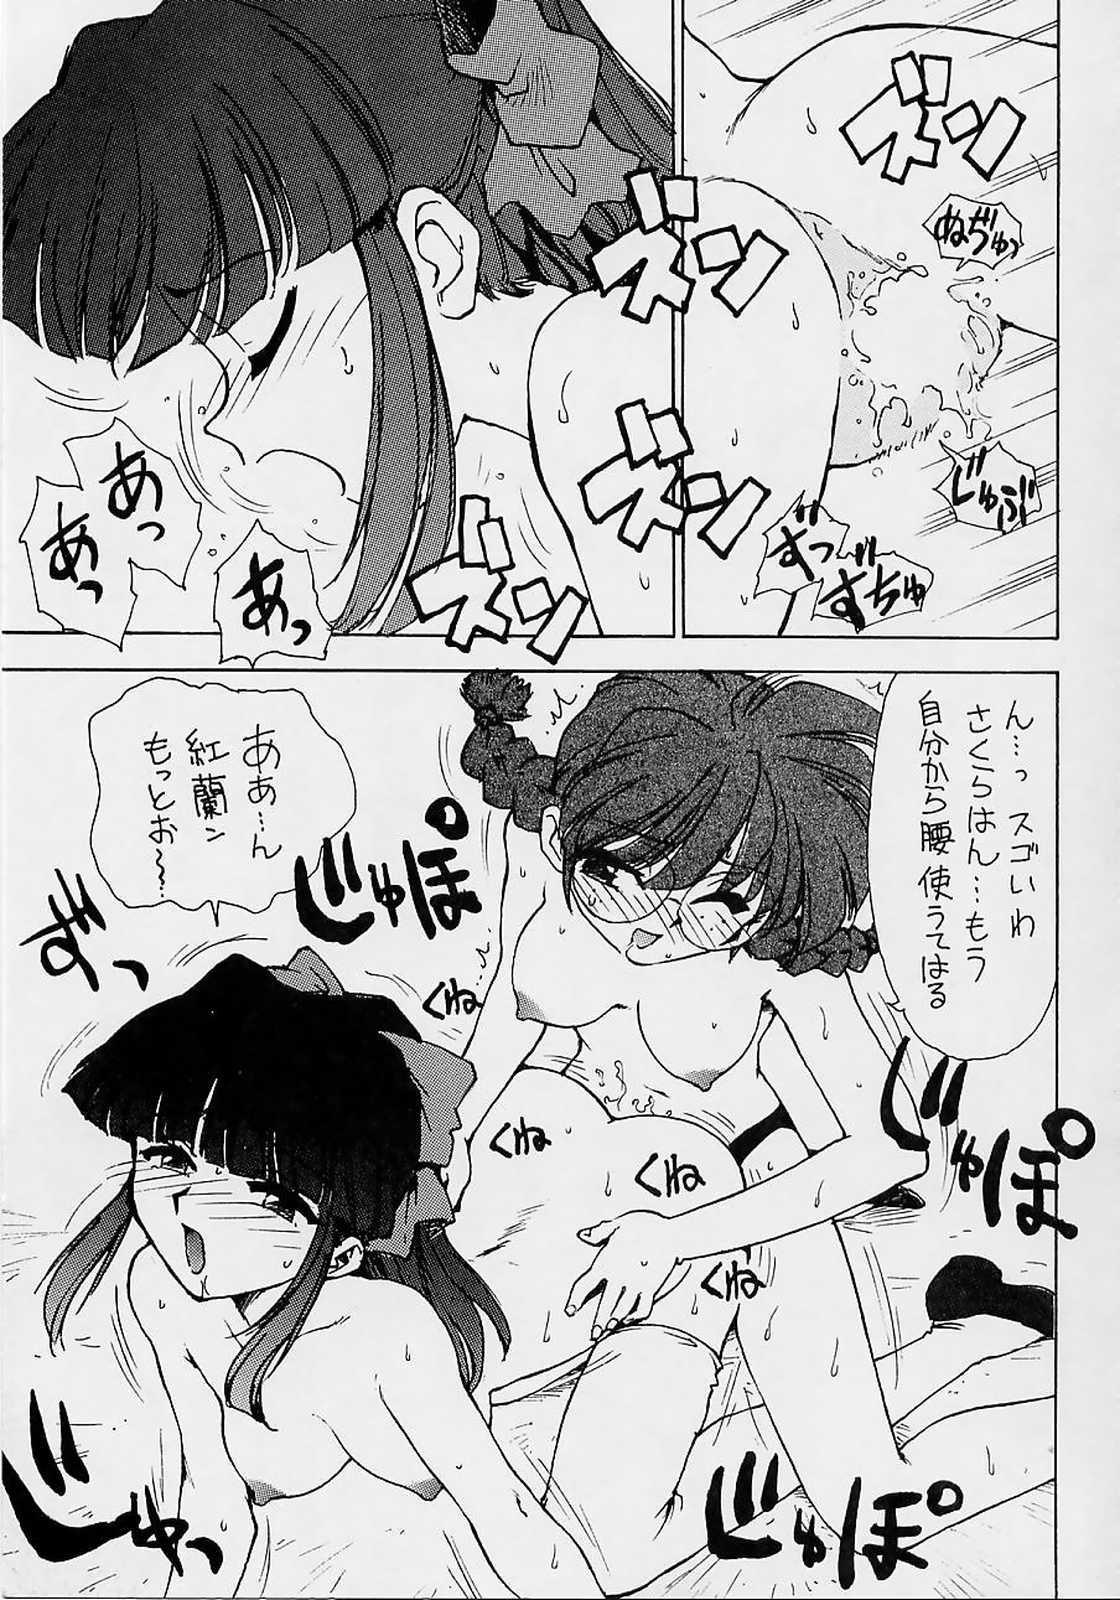 Sakura ooizumi yume kikou 9